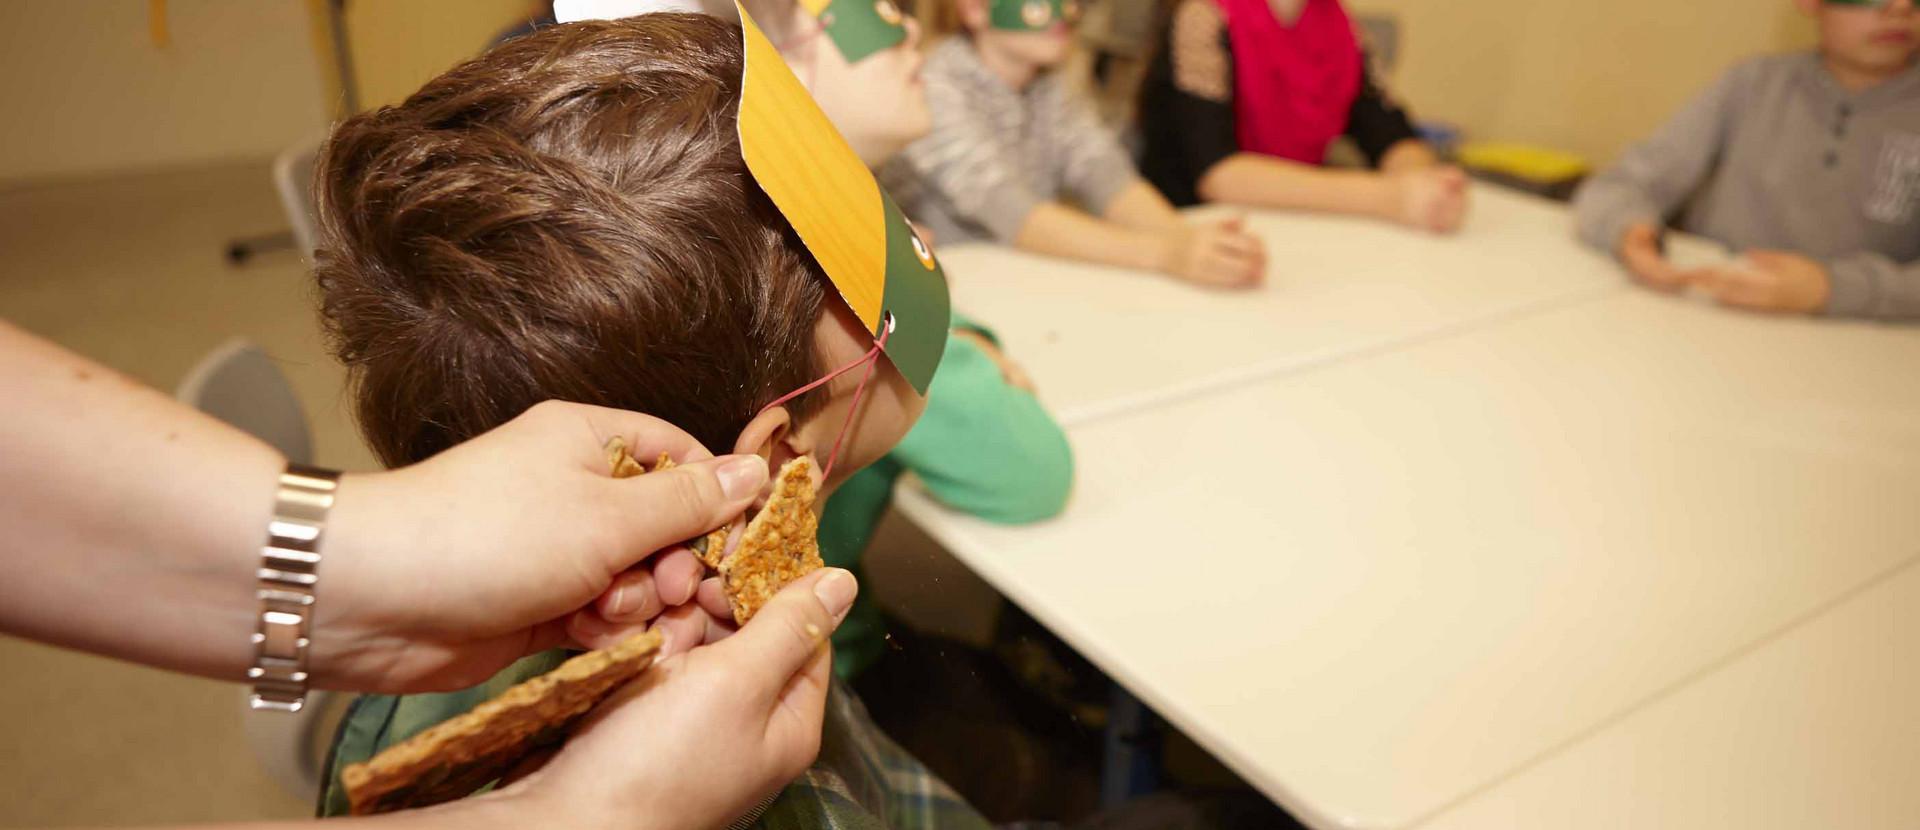 Junge mit Maske hört das Knacken eines Knäckebrot